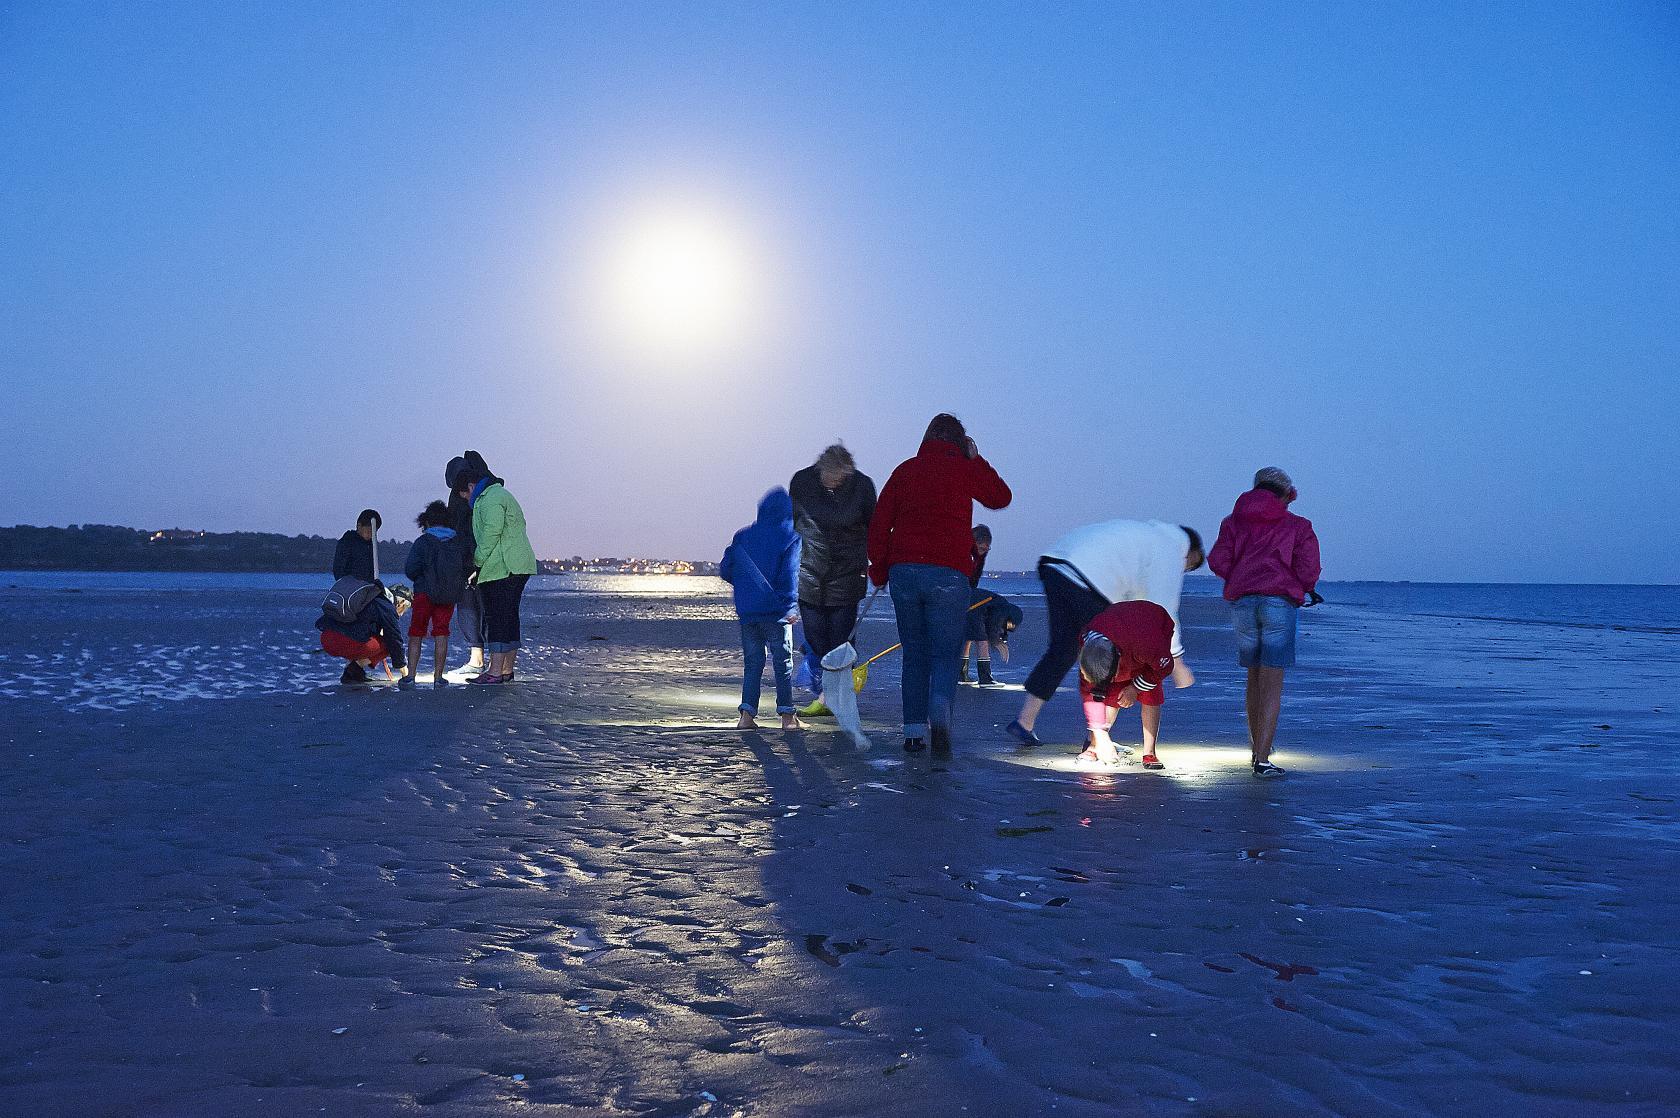 Sortie nature a la pleine lune grande maree la foret - Office de tourisme la foret fouesnant ...